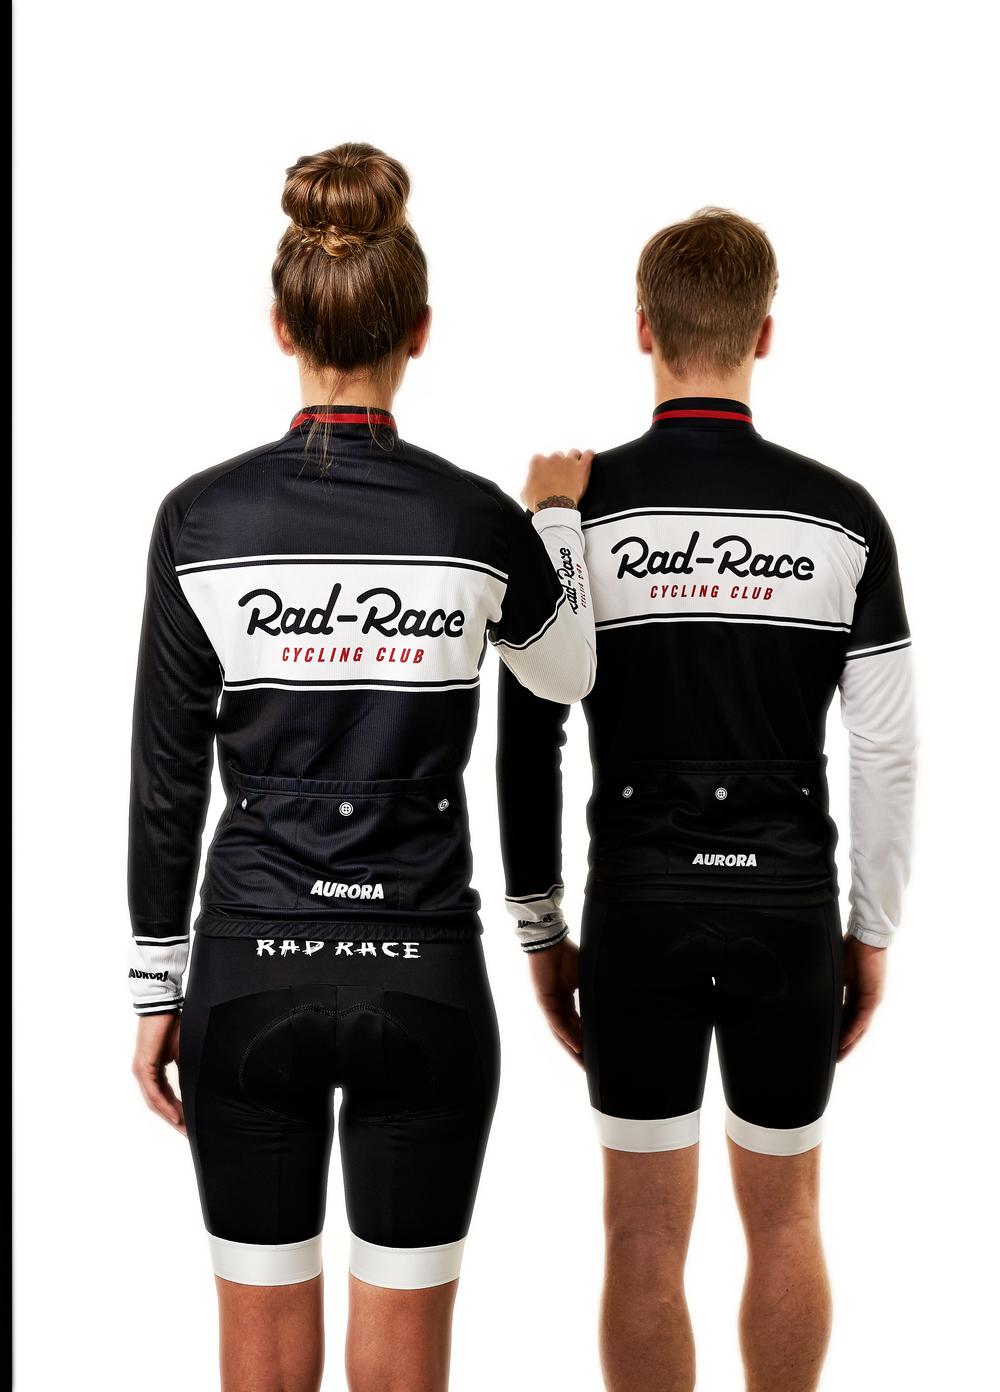 RadRaceShop_CyclingClub_24.jpg